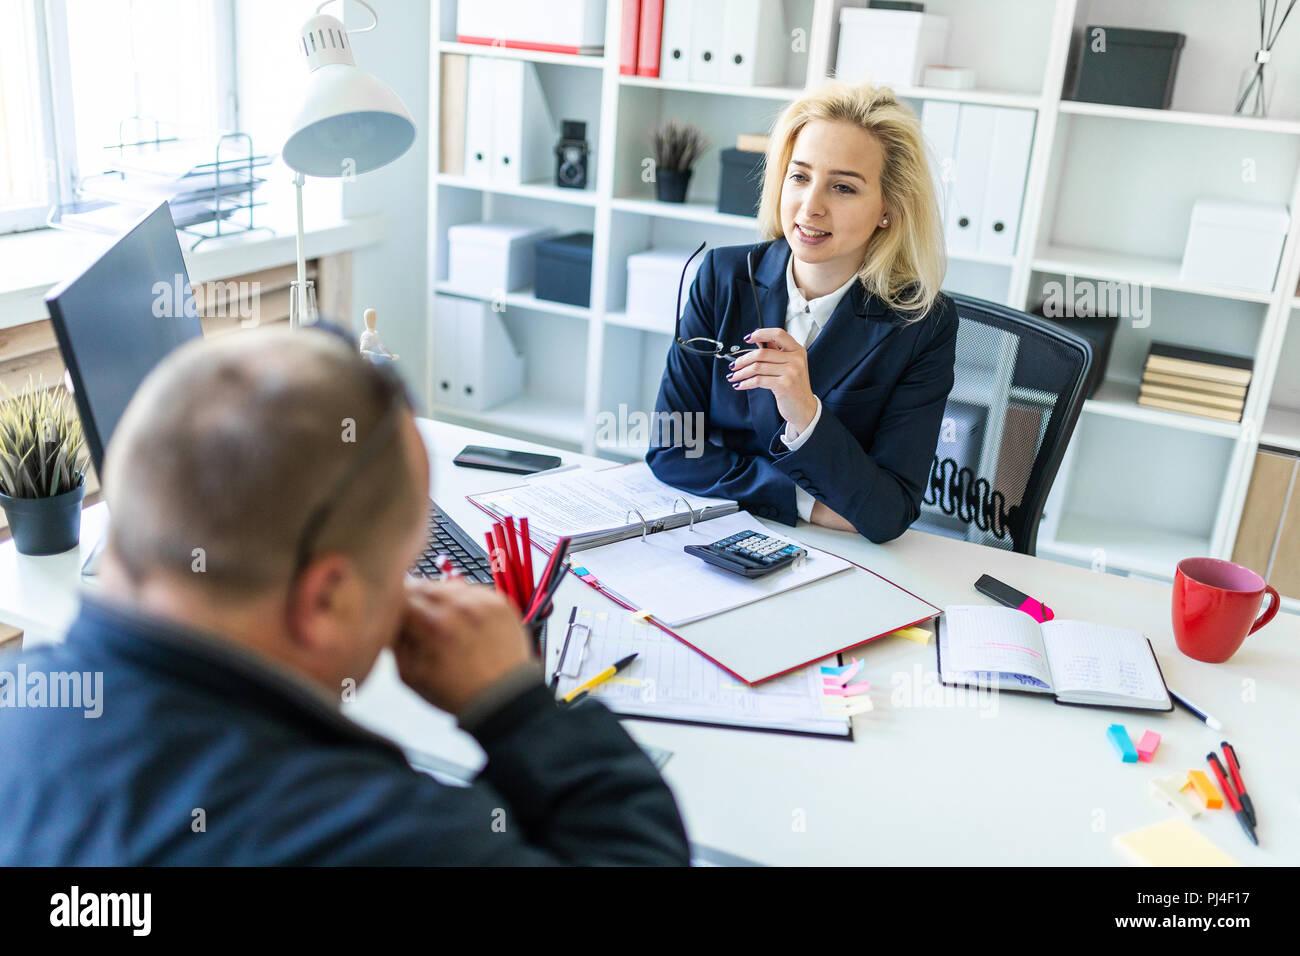 Ein junges Mädchen sitzt an einem Tisch im Büro, die Gläser in der Hand und im Gespräch mit einem Mann. Stockbild